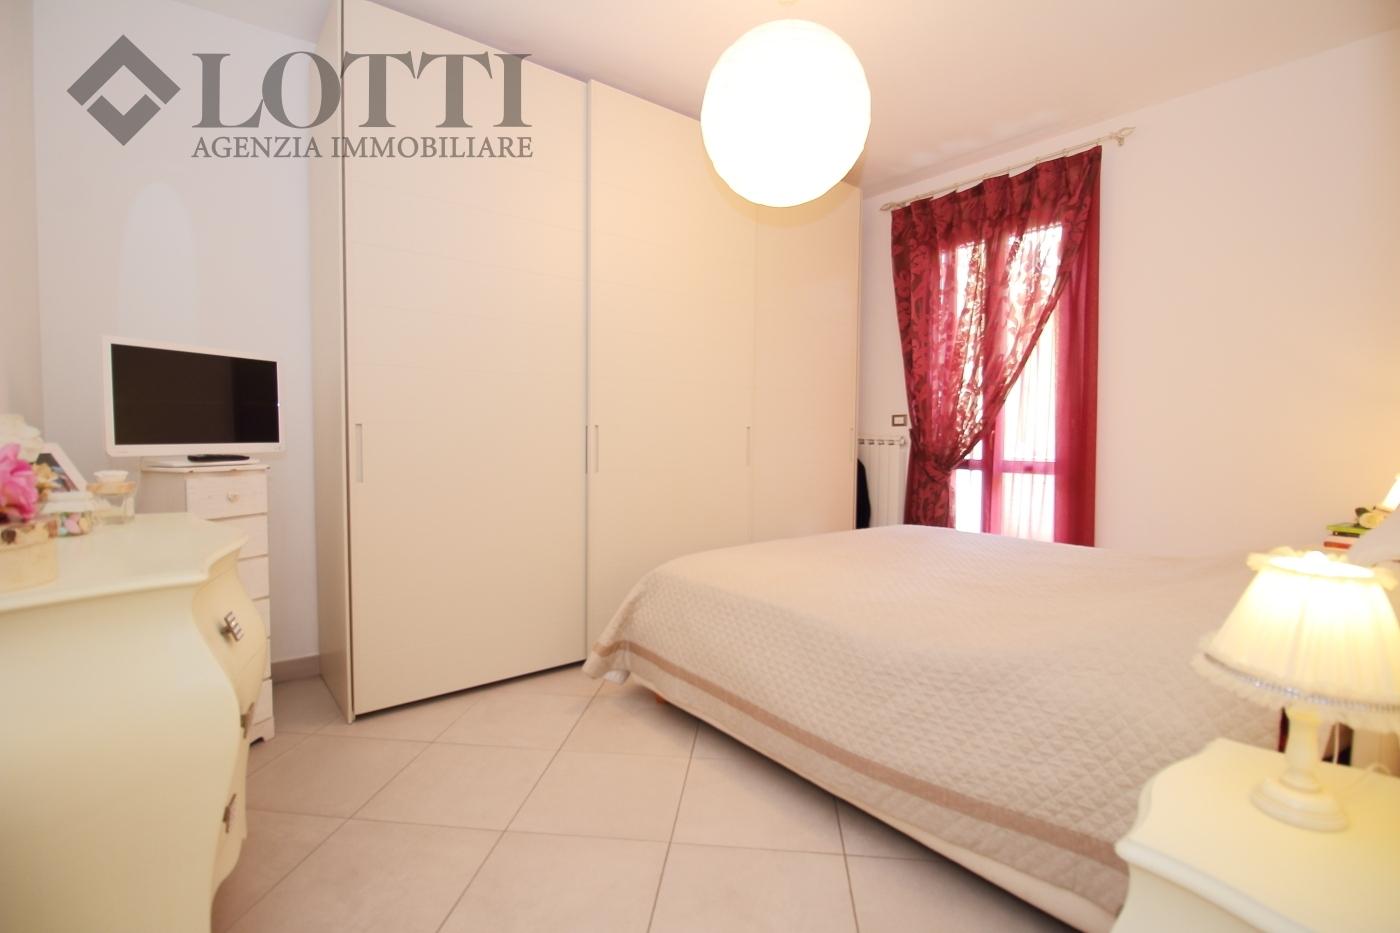 Appartamento in vendita, rif. 571